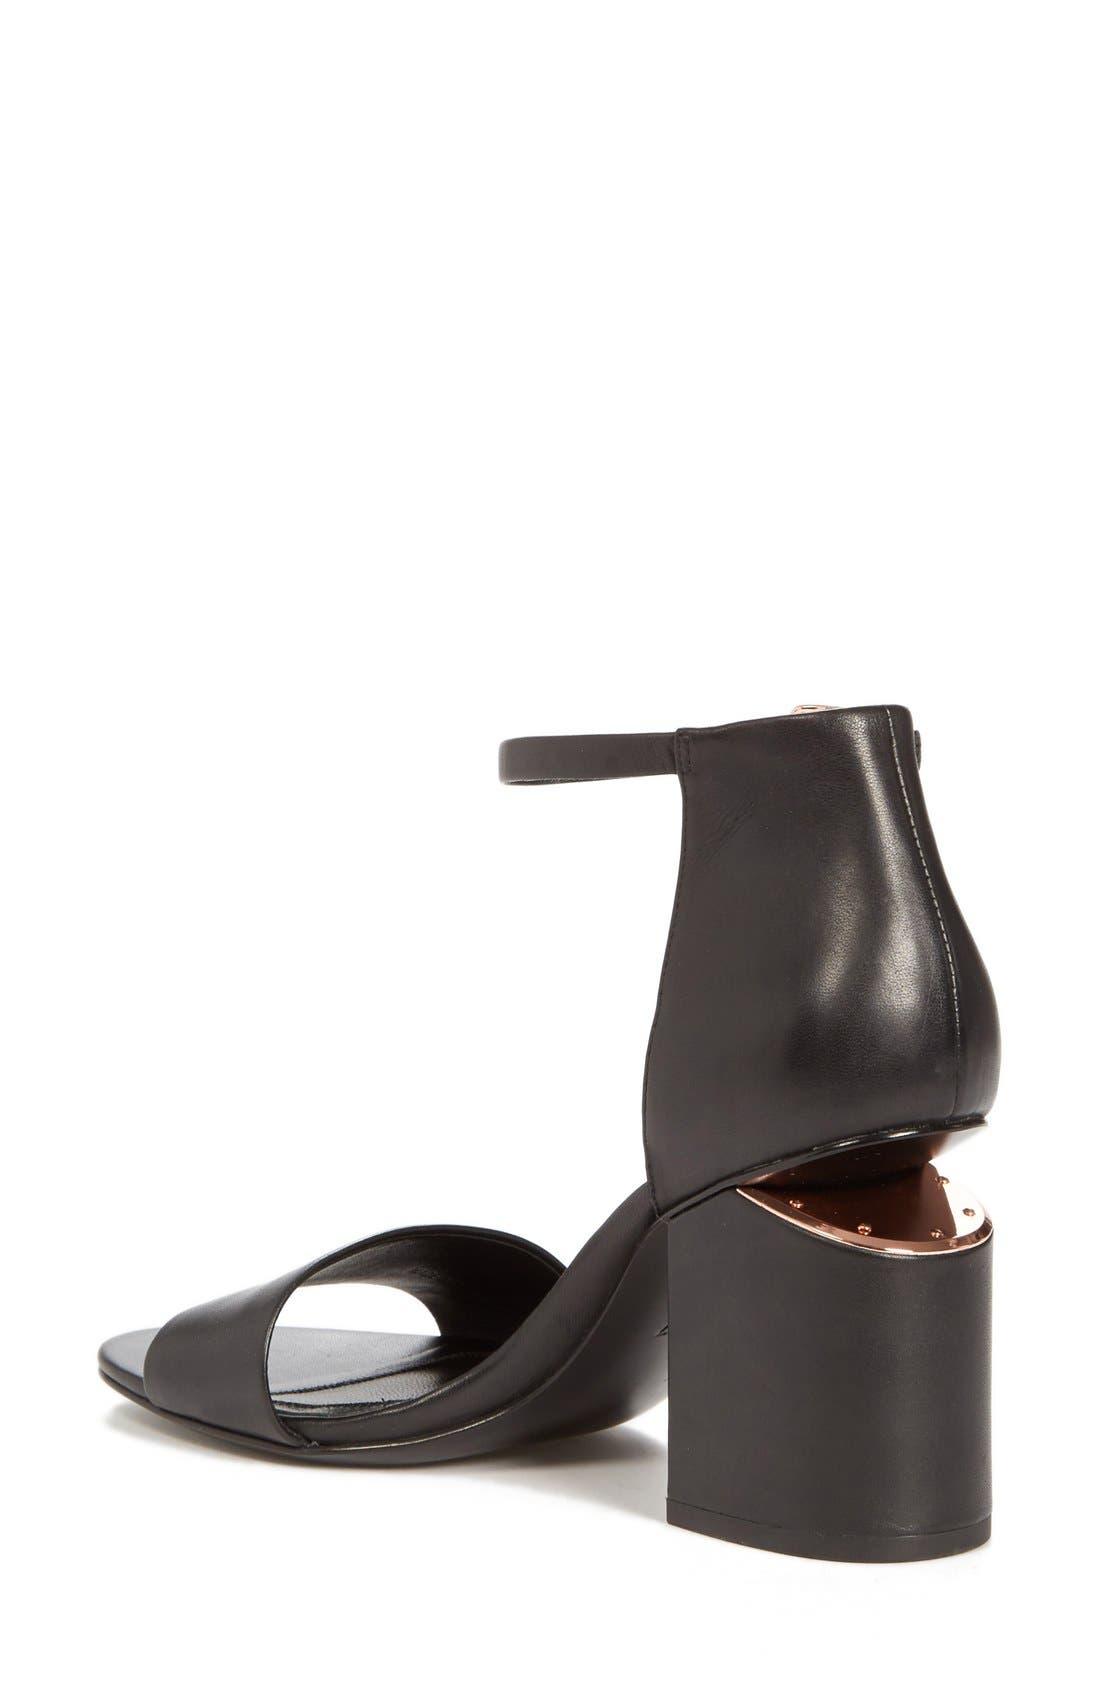 'Abby' Ankle Strap Sandal,                             Alternate thumbnail 3, color,                             BLACK/ ROSE GOLD